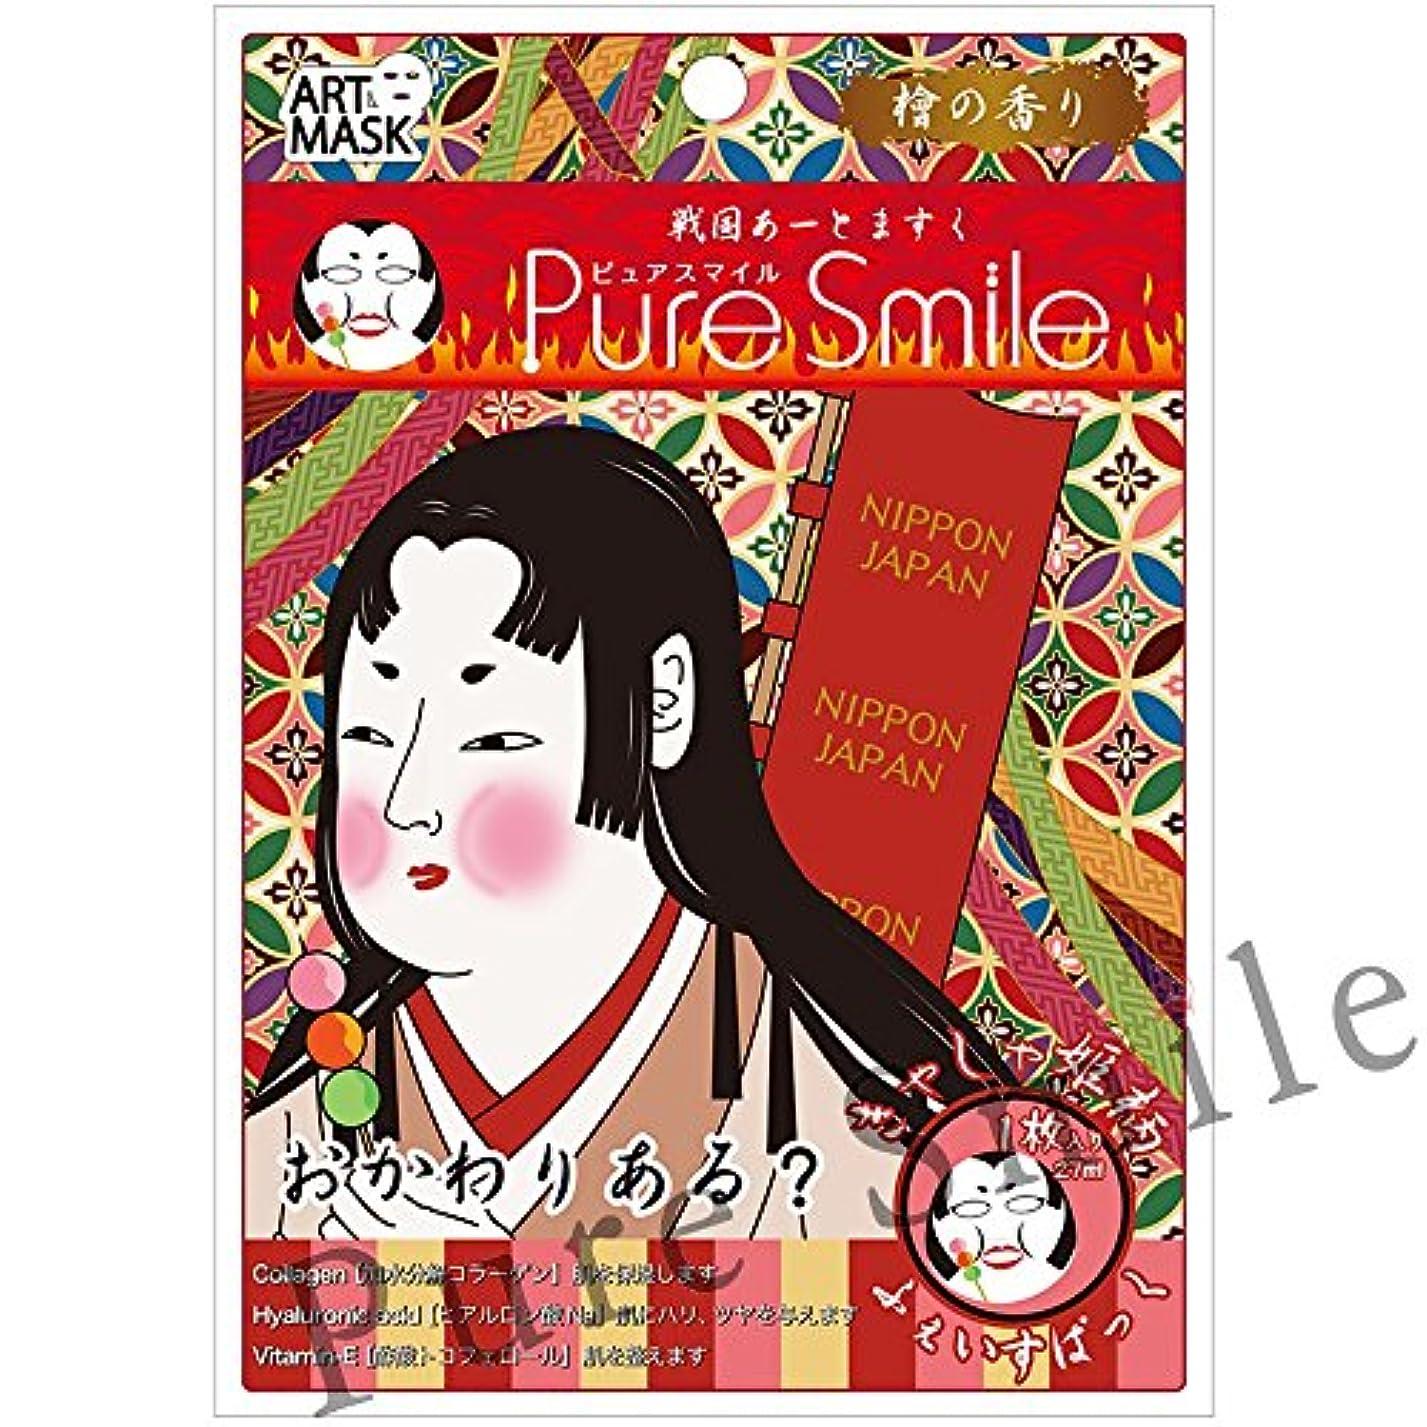 サンプル経済的ベットPure Smile(ピュアスマイル) フェイスマスク/アートマスク『戦国アートマスク』(きゃしゃ姫/檜の香り)